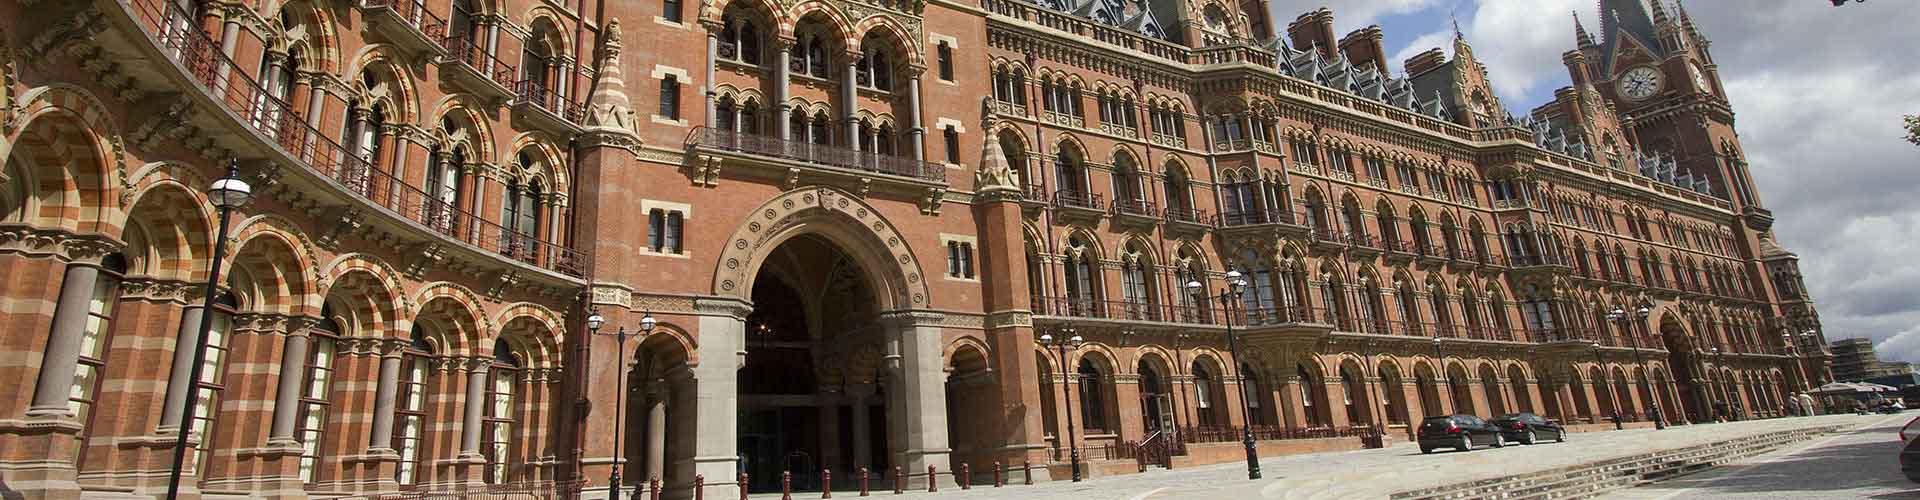 London - Hostels nahe St Pancras Bahnhof. London auf der Karte. Fotos und Bewertungen für jedes Hostel in London.